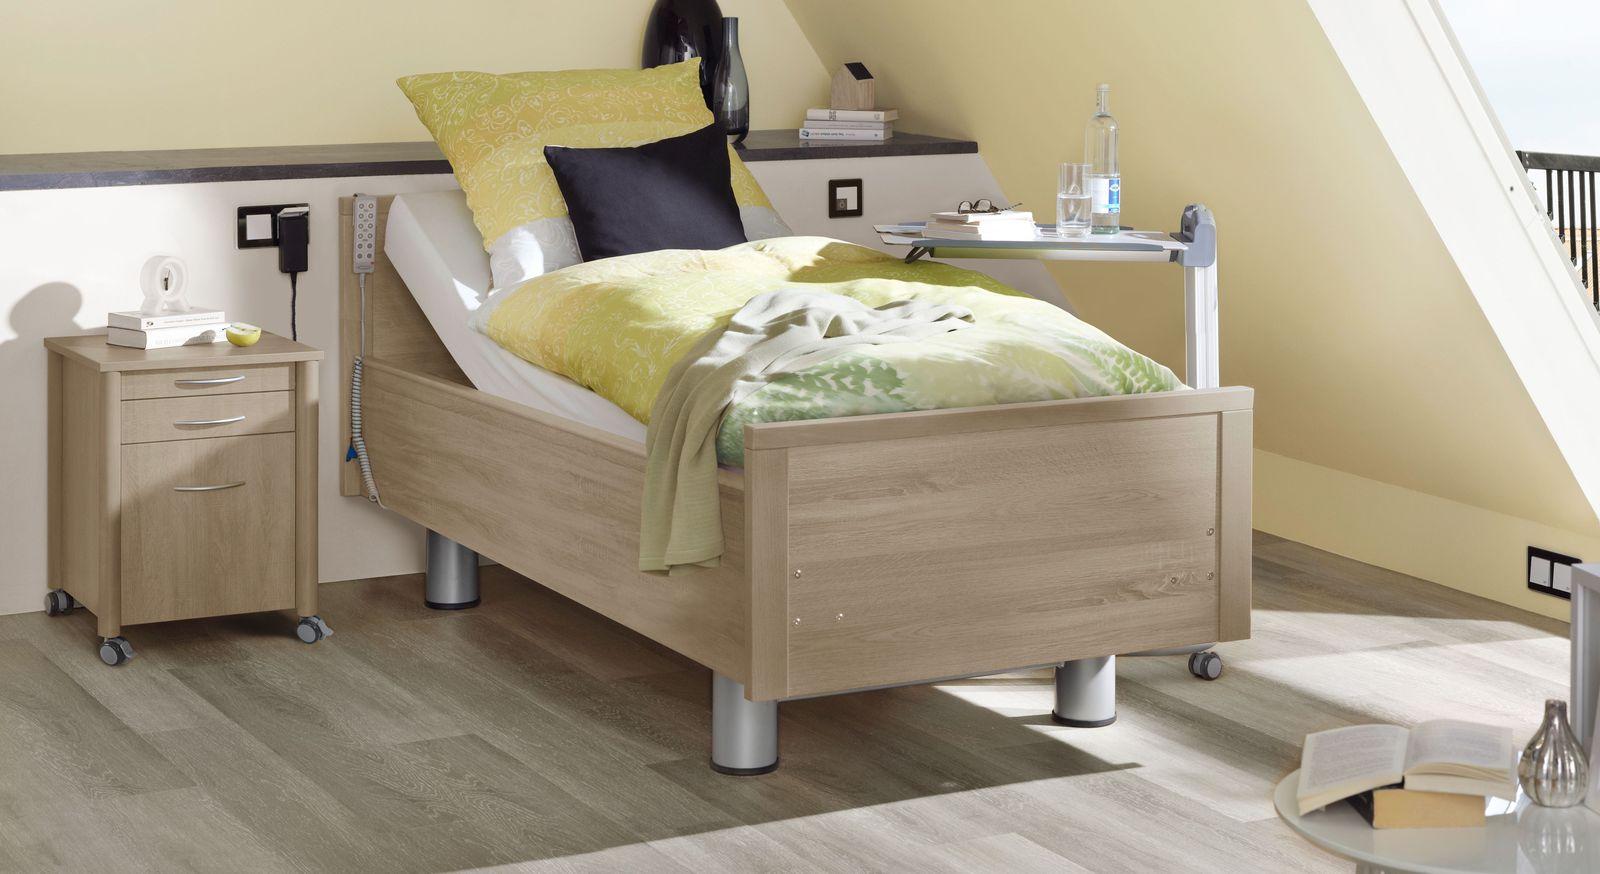 Komfortbett mit Pflegebett-Funktion Isar in Eiche greige Dekor